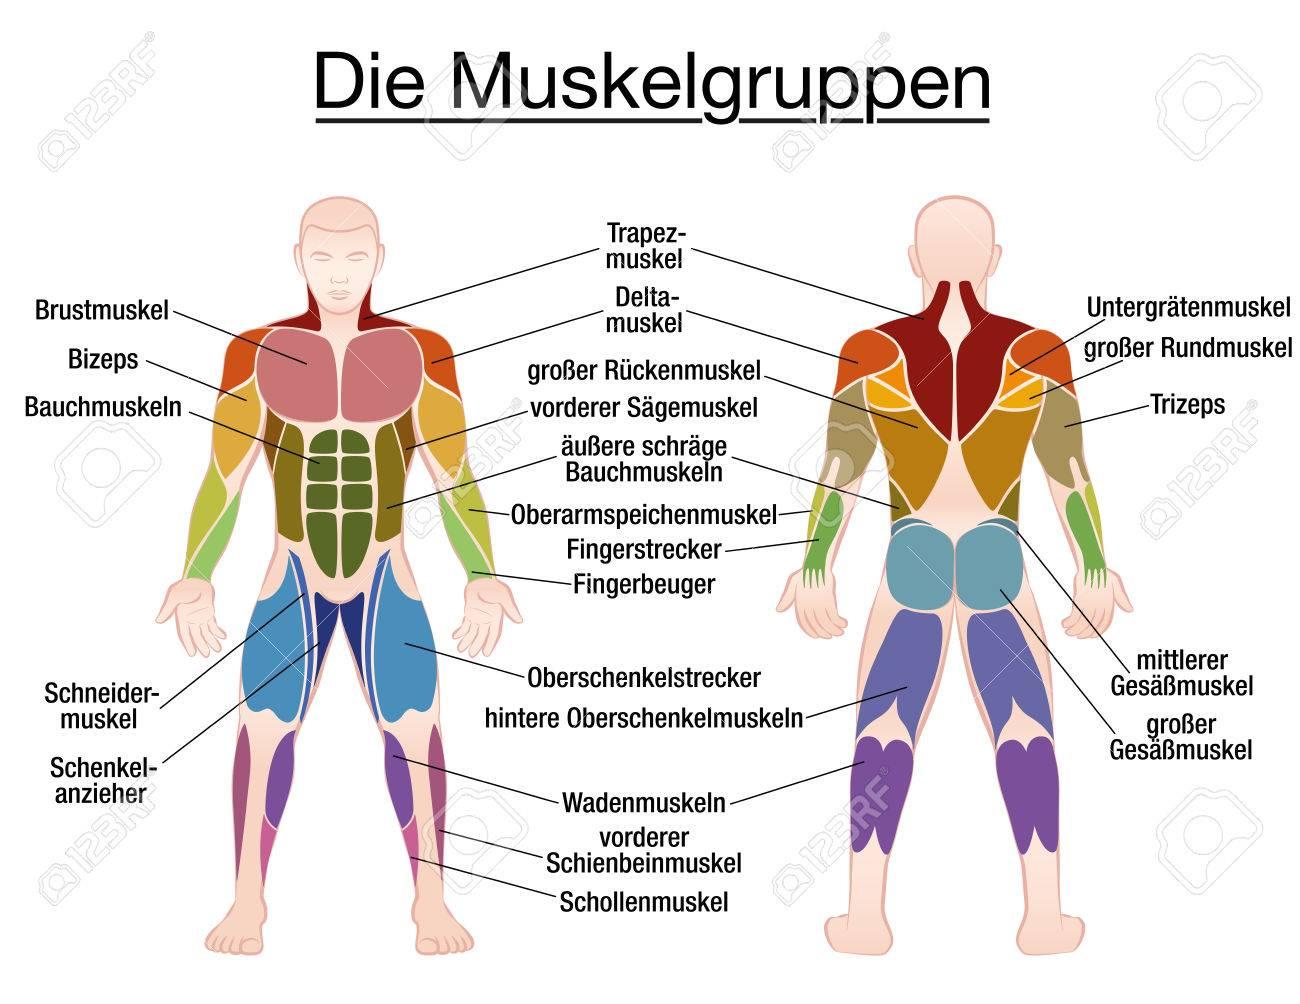 Niedlich Lachs Anatomie Diagramm Galerie - Anatomie Ideen - finotti.info